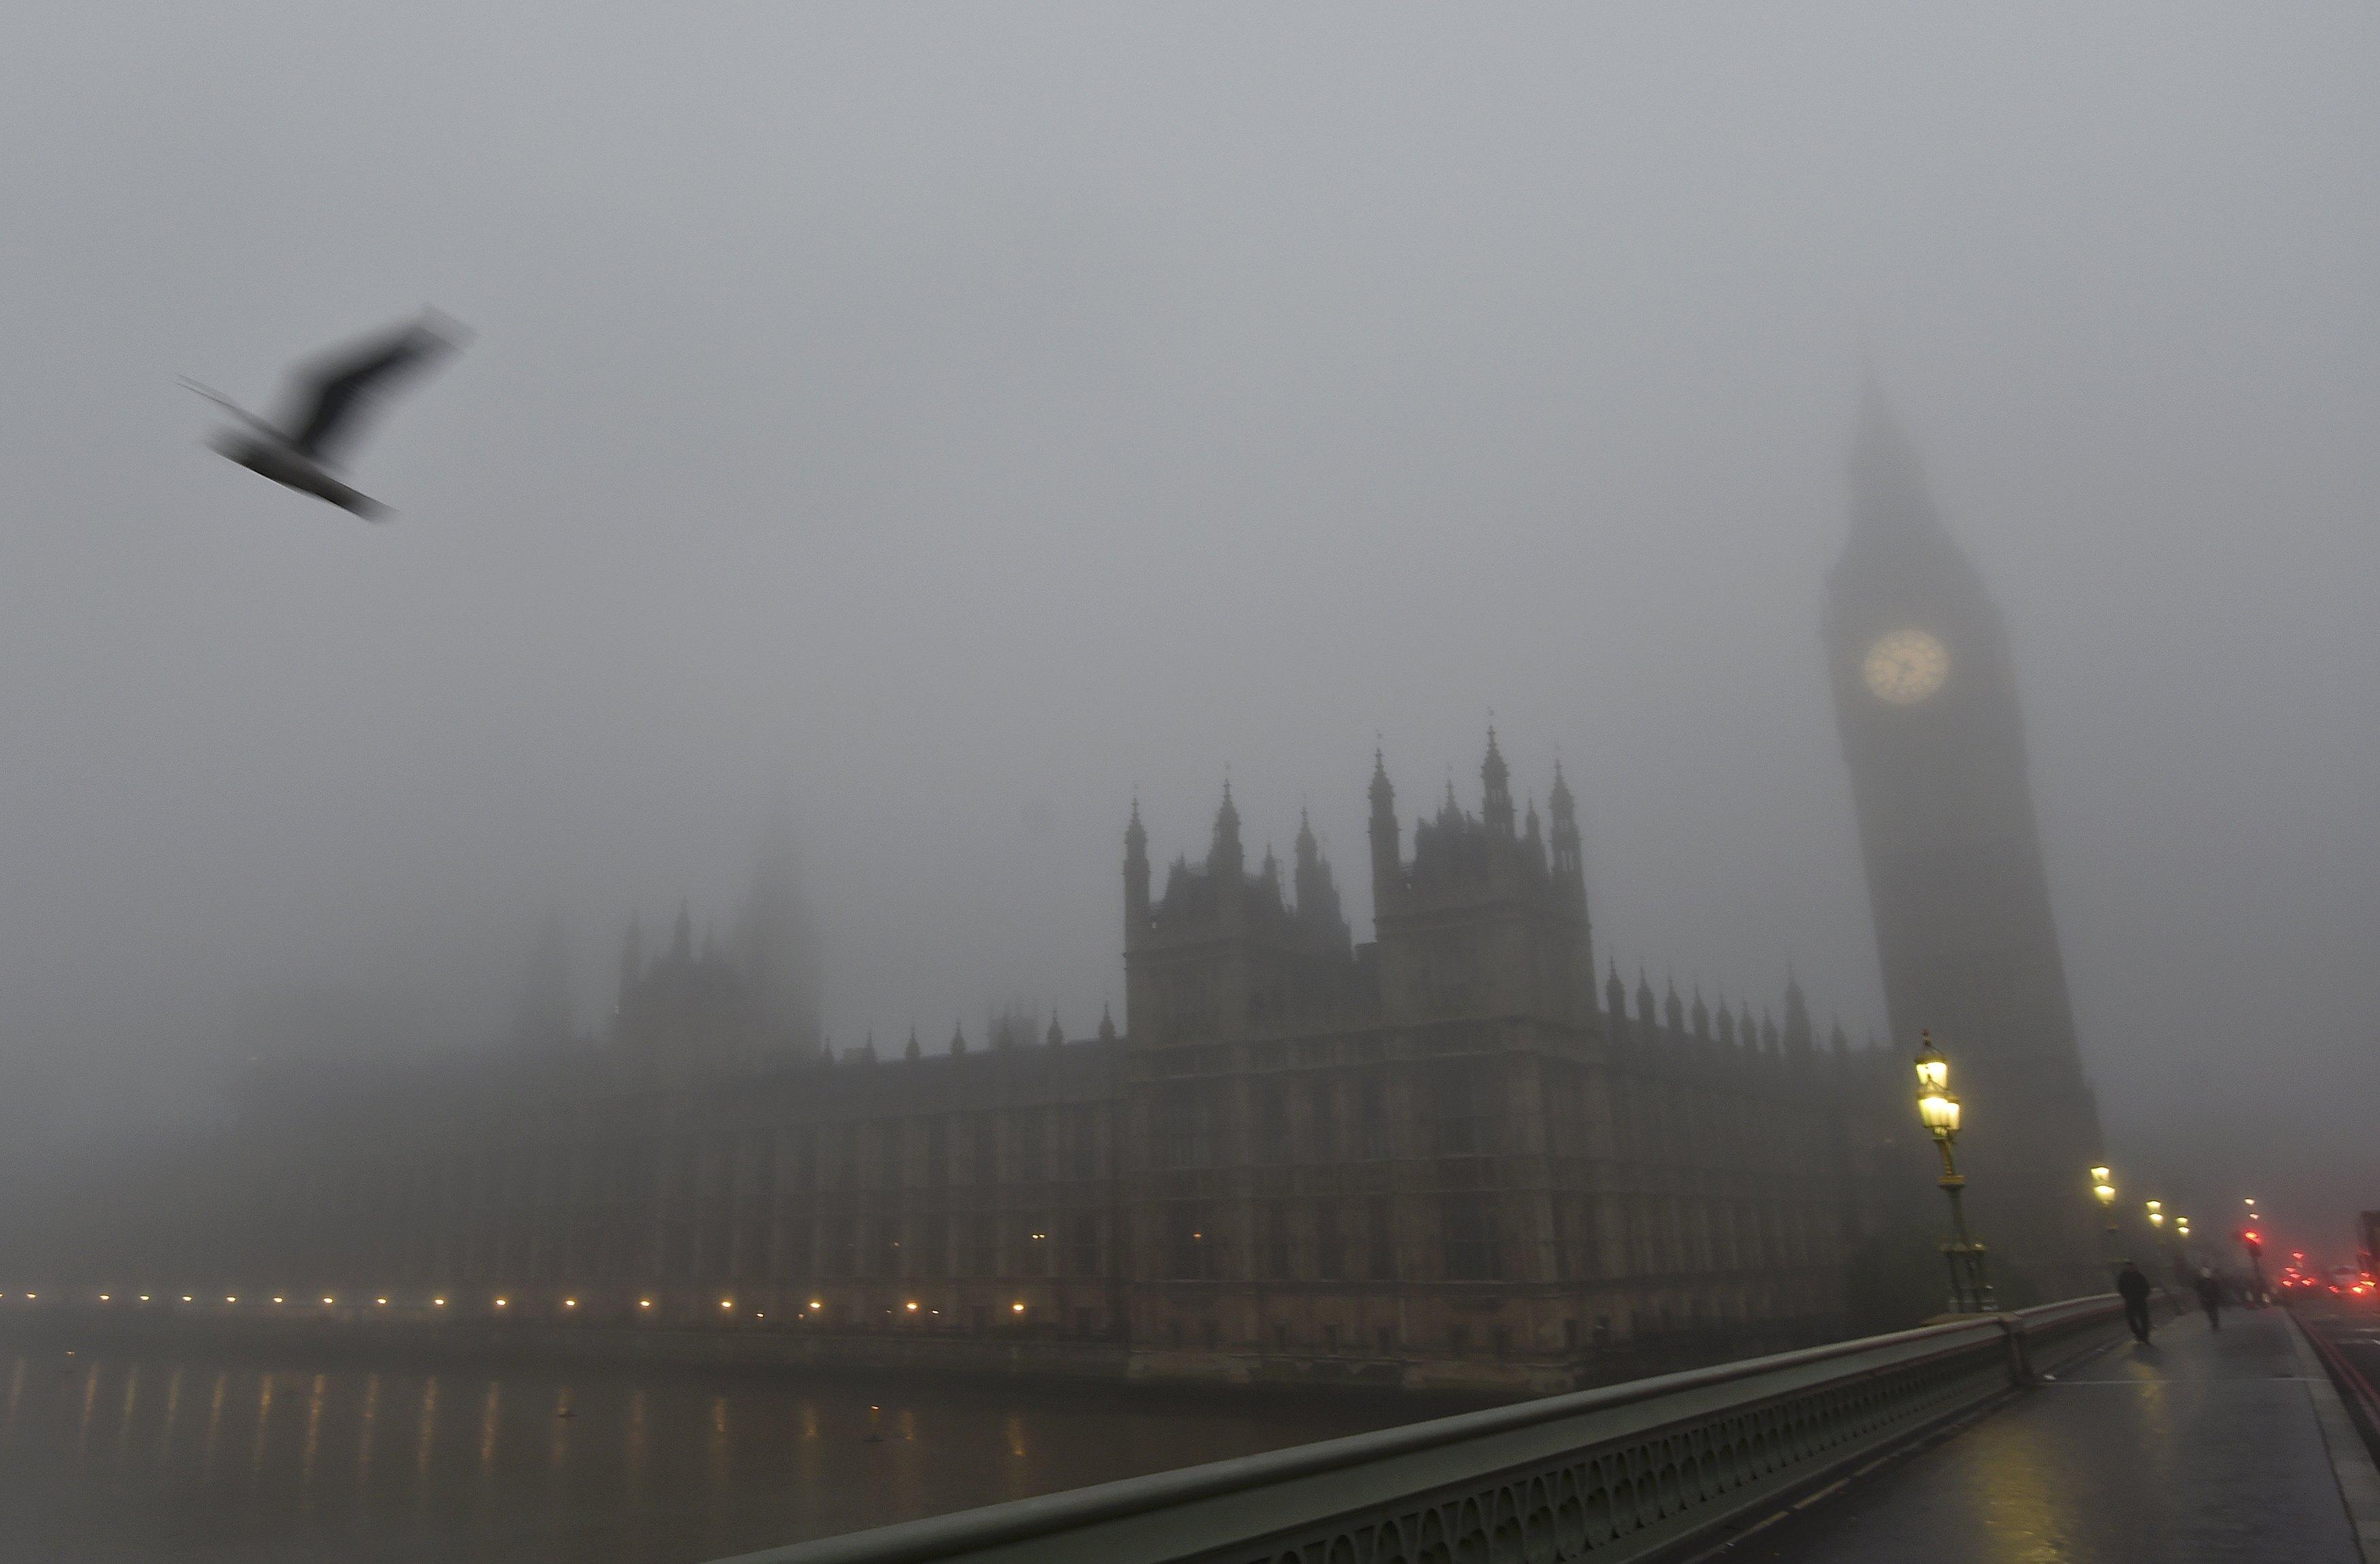 Gedung Parlemen tertutup kabut pagi di London, Inggris, Senin (2/11). Bandara di seluruh Inggris mengalami gangguan hari Senin ini akibat kabut tebal yang mengakibatkan penundaan dan pembatalan penerbangan di hari kedua cuaca buruk. Penerbangan menuju dan dari London mengalami dampaknya, sementara cuaca berkabut di ibukota dan seluruh wilayah Eropa menyebabkan masalah di seluruh bandara. ANTARA FOTO/REUTERS/Toby Melville.